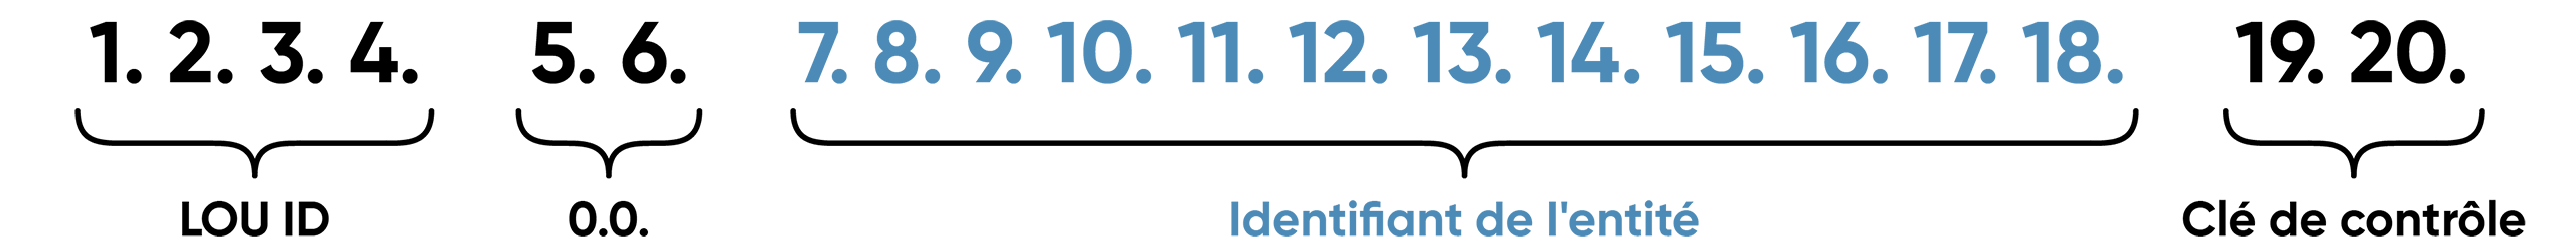 Code LEI est formé selon la norme ISO 17442